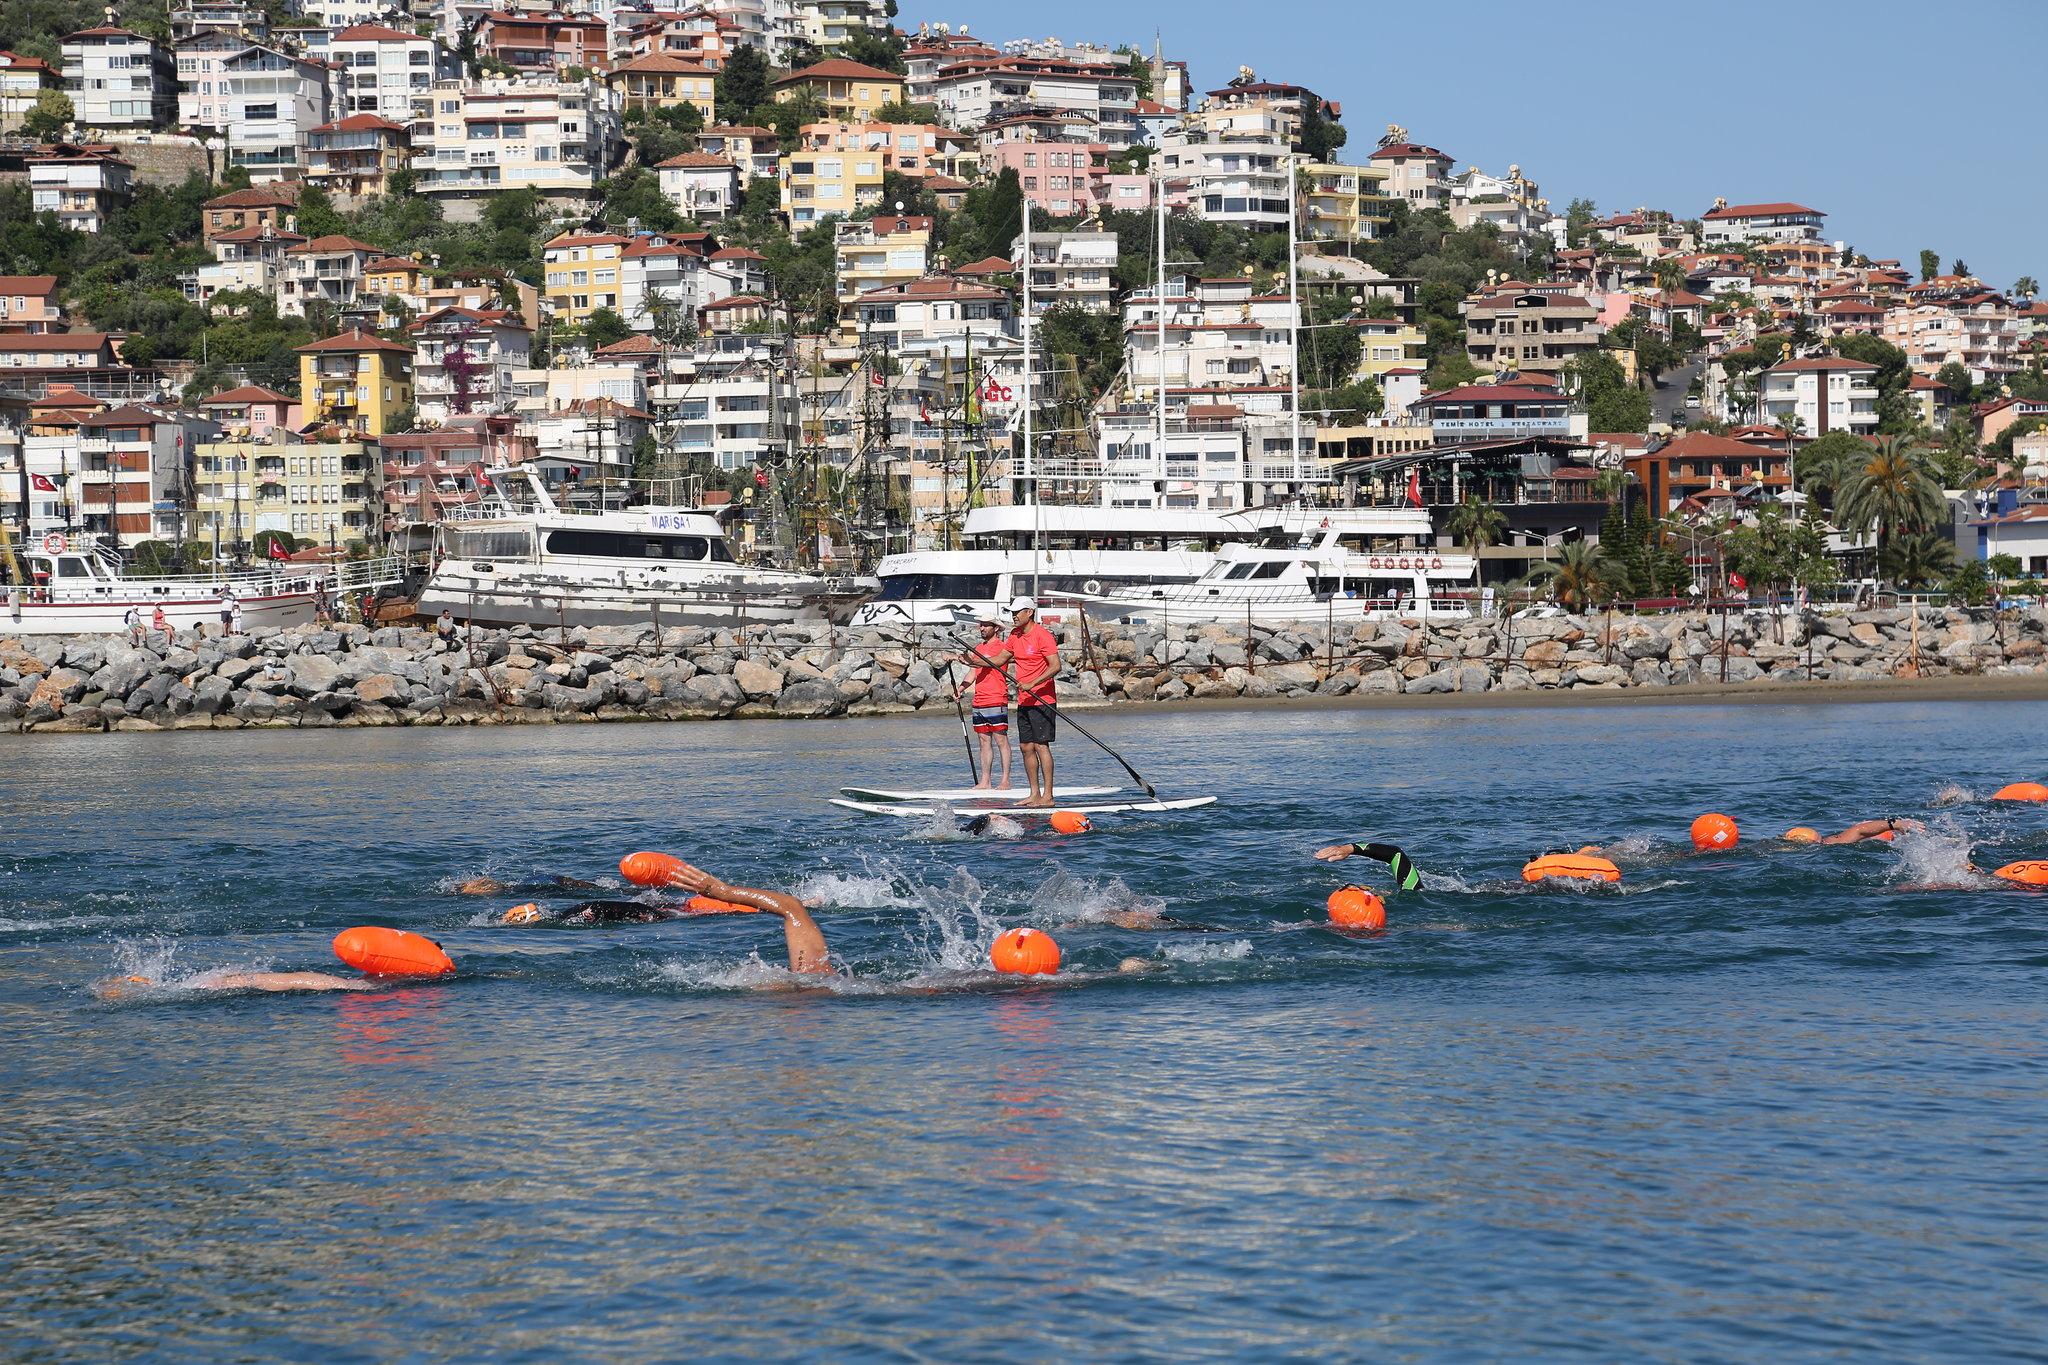 oceanmanswimturkey.jpg